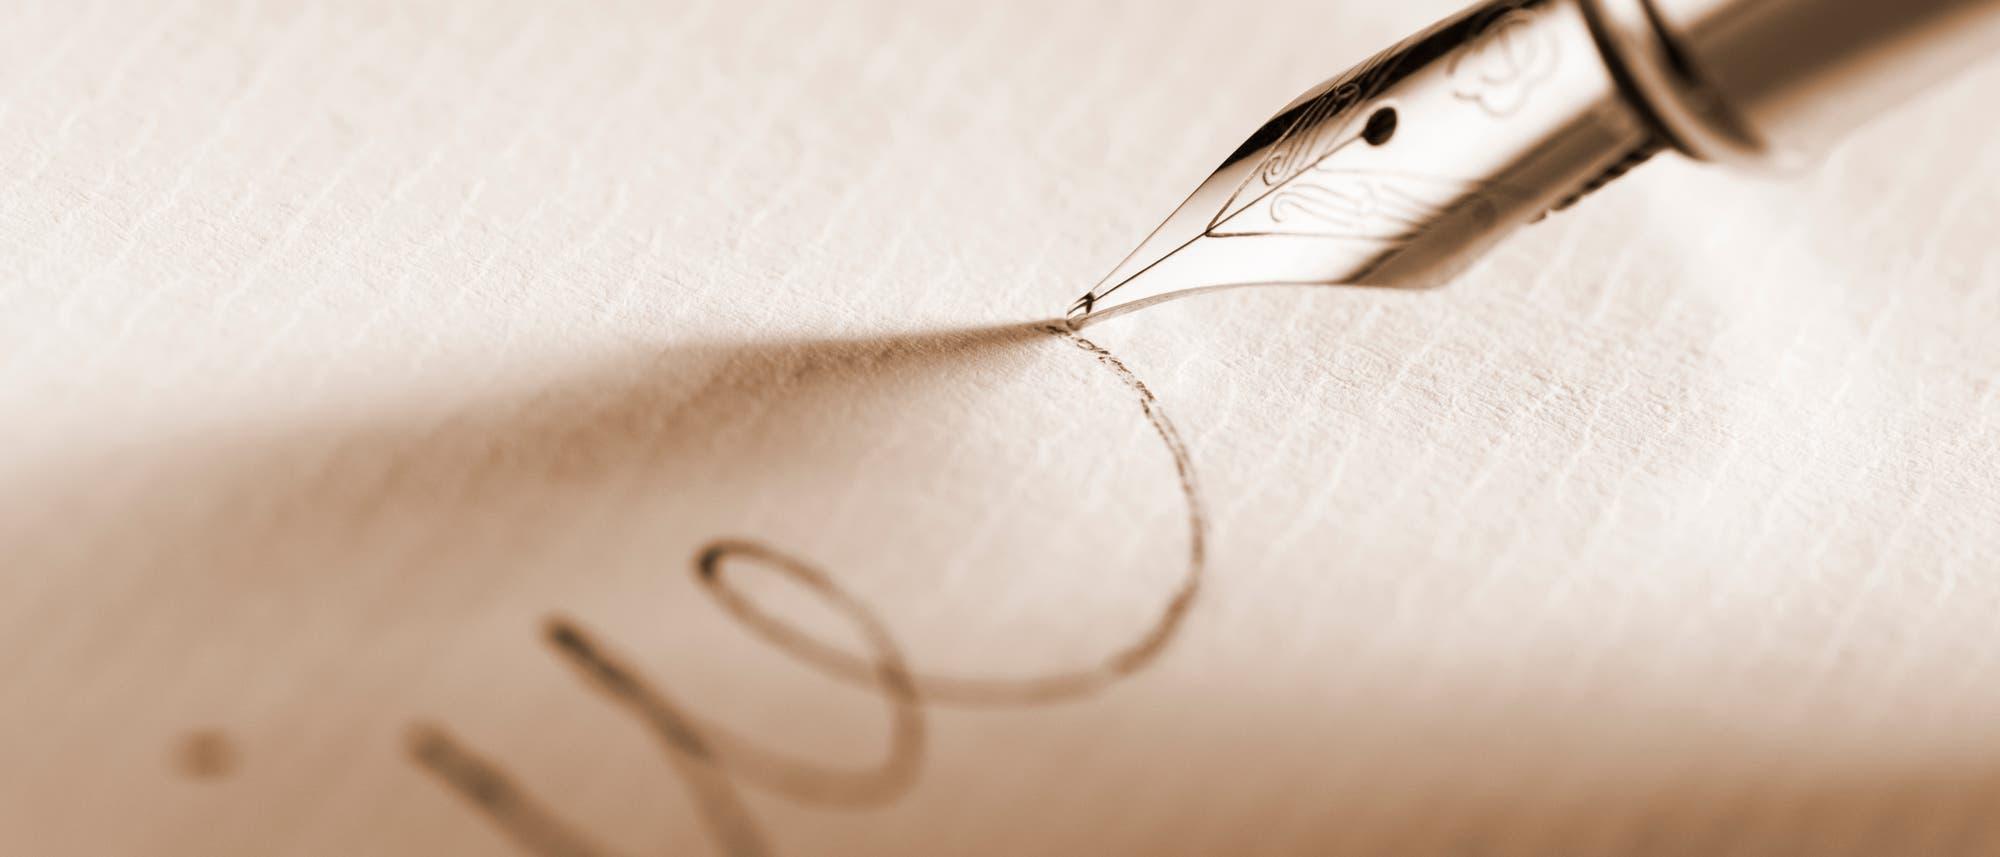 Handschrift mit Füllfeder